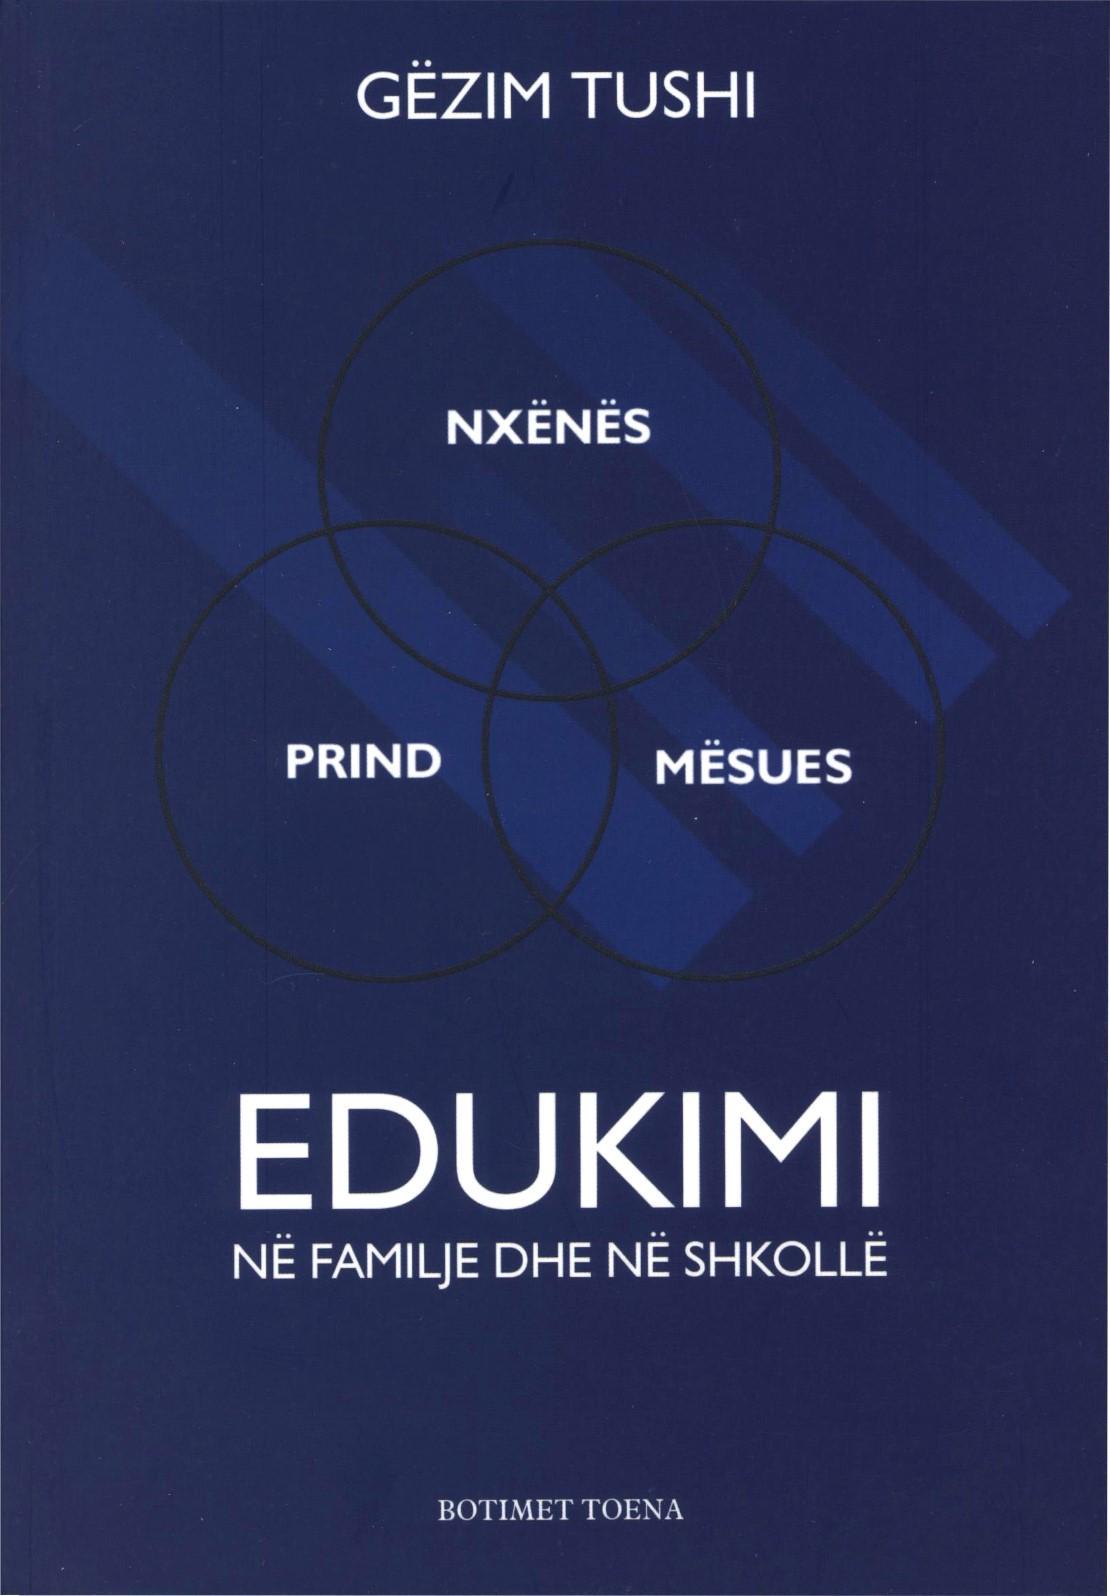 Edukimi ne familje dhe ne shkolle